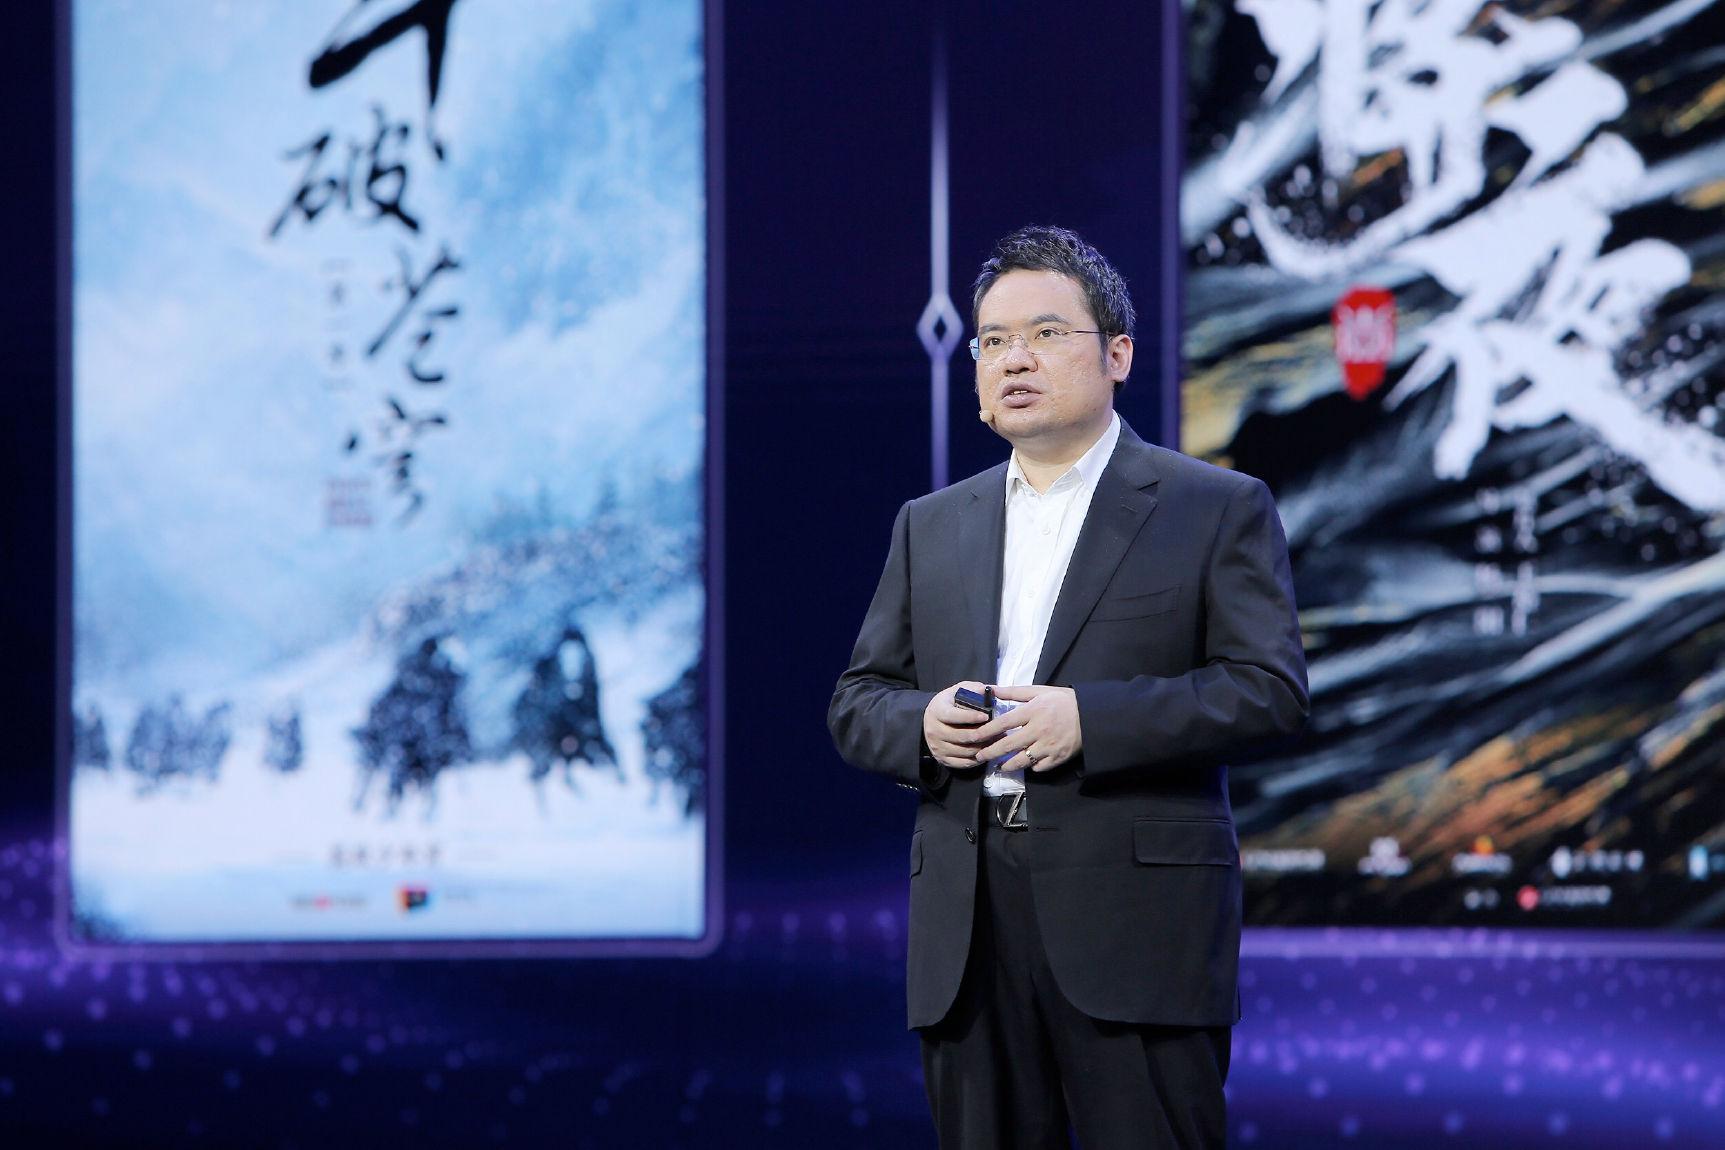 阅文起航,中国网文领头羊将向何处去?